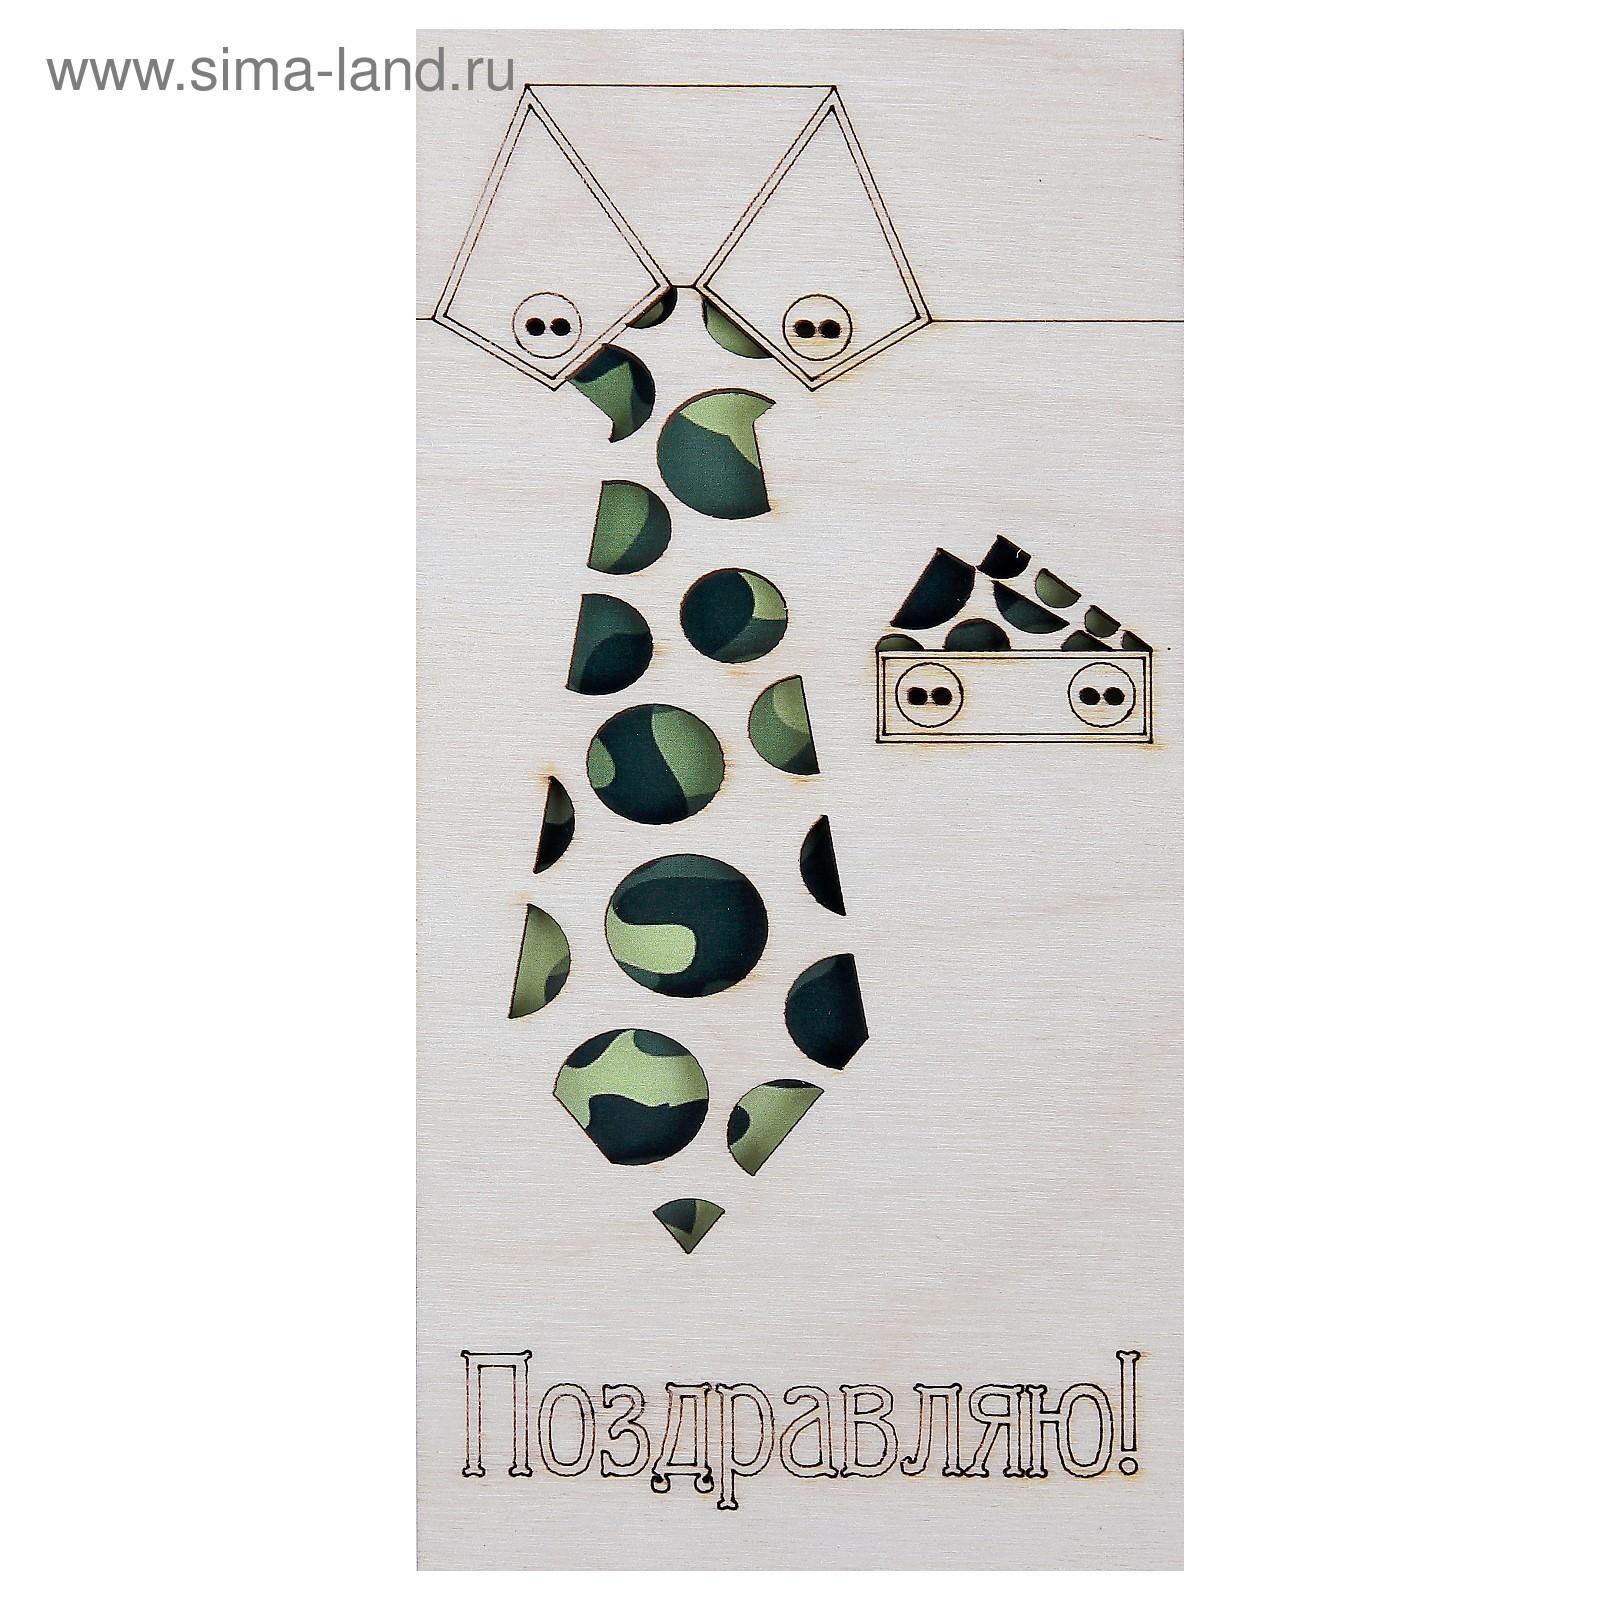 конверт деревянный резной поздравляю галстук 3847326